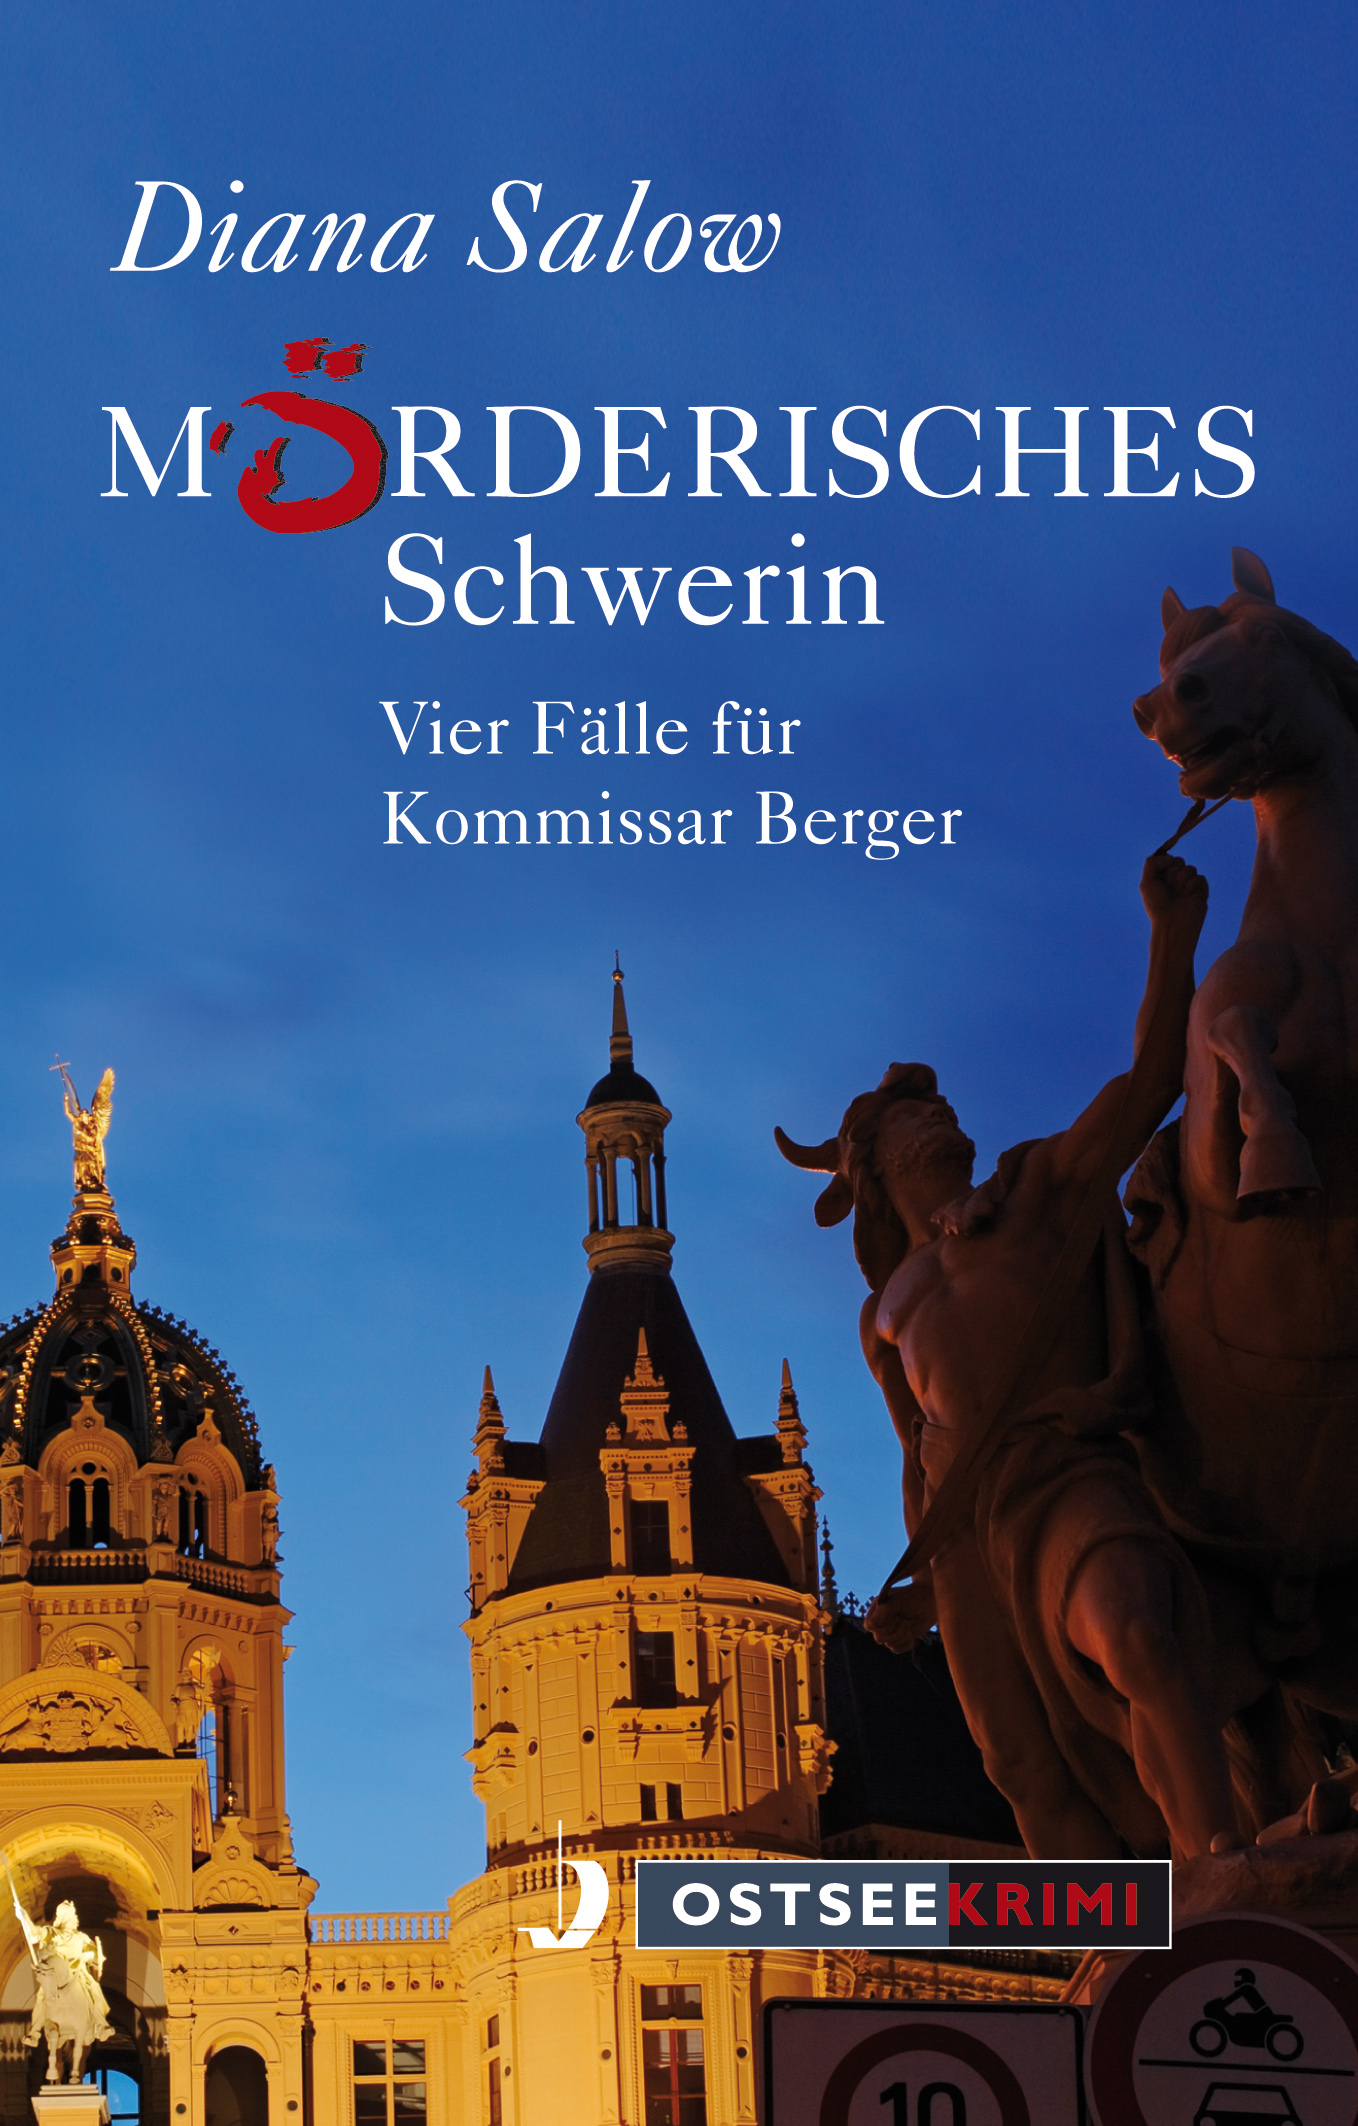 Mörderisches Schwerin